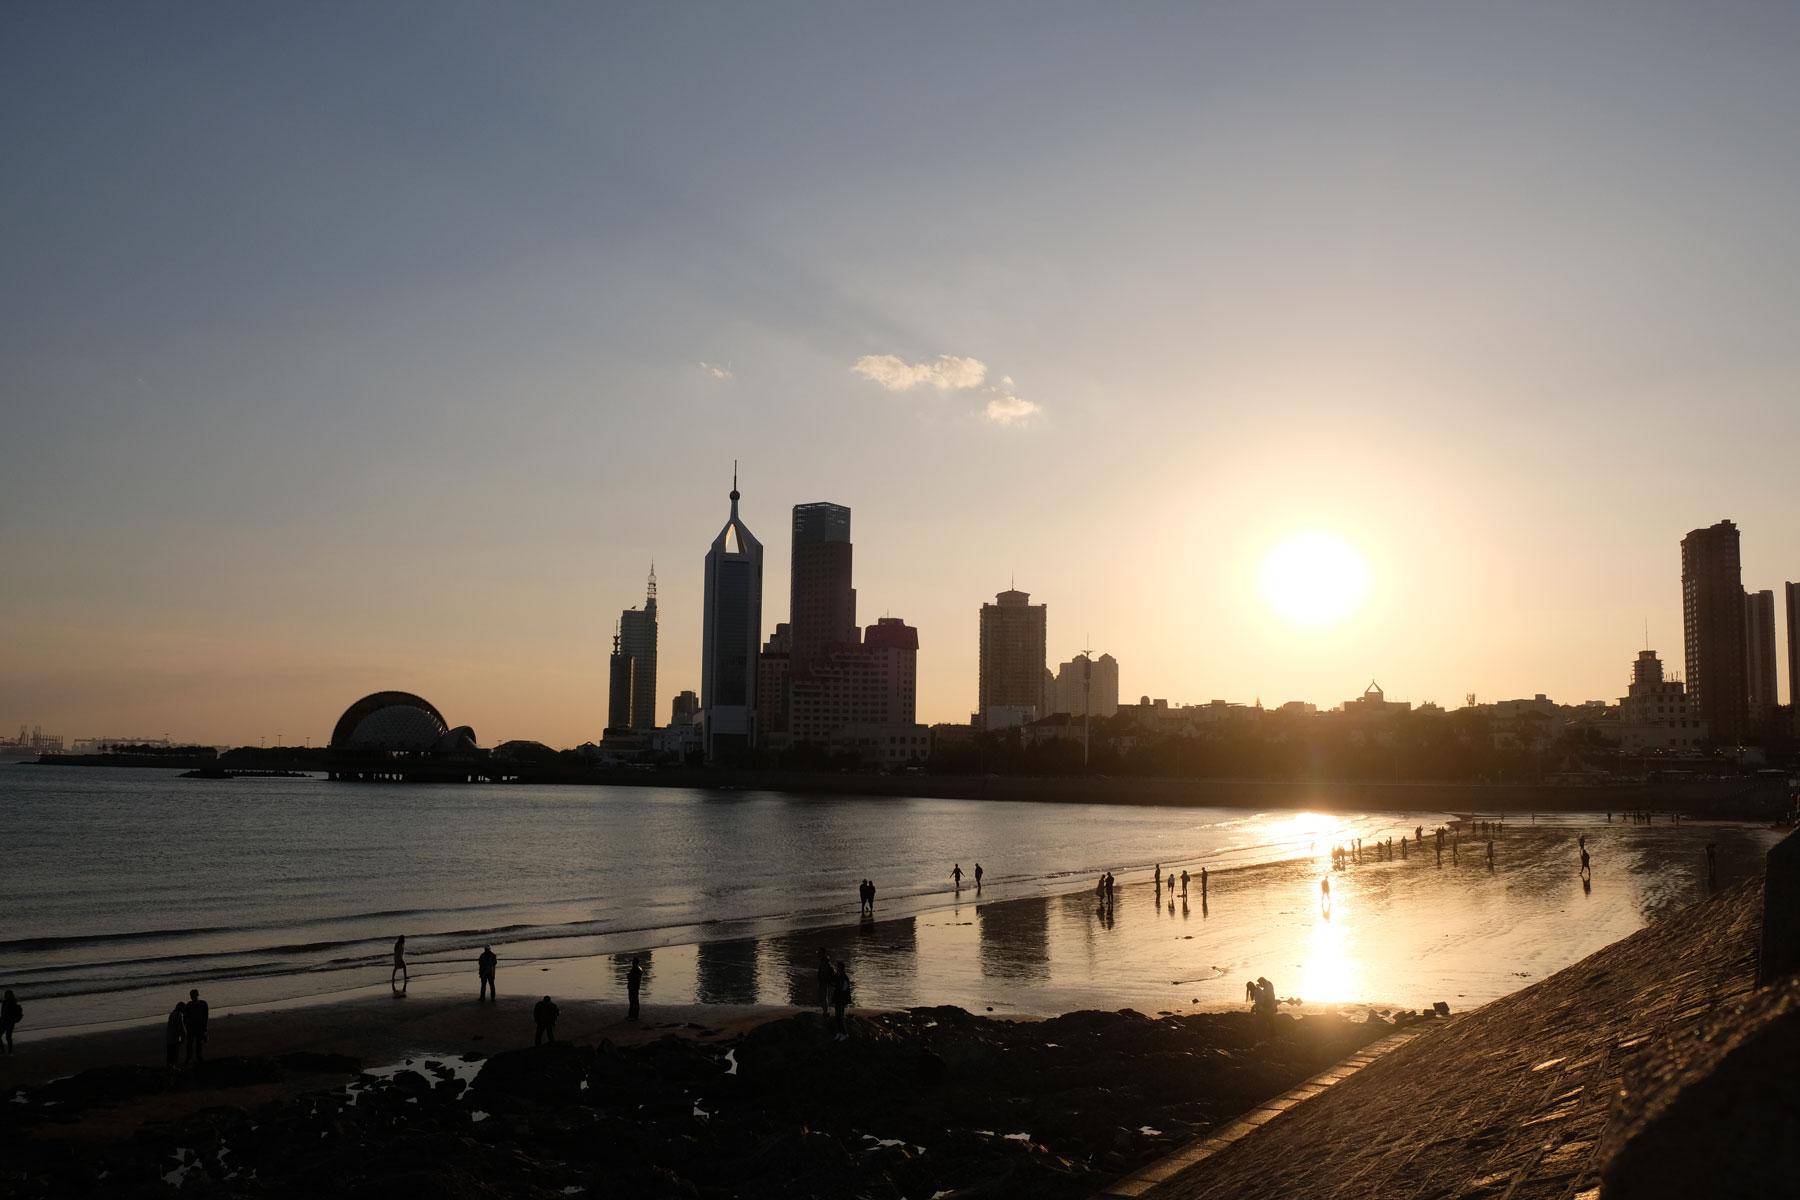 Die Sonne geht hinter den Hochhäusern von Qingdao unter.